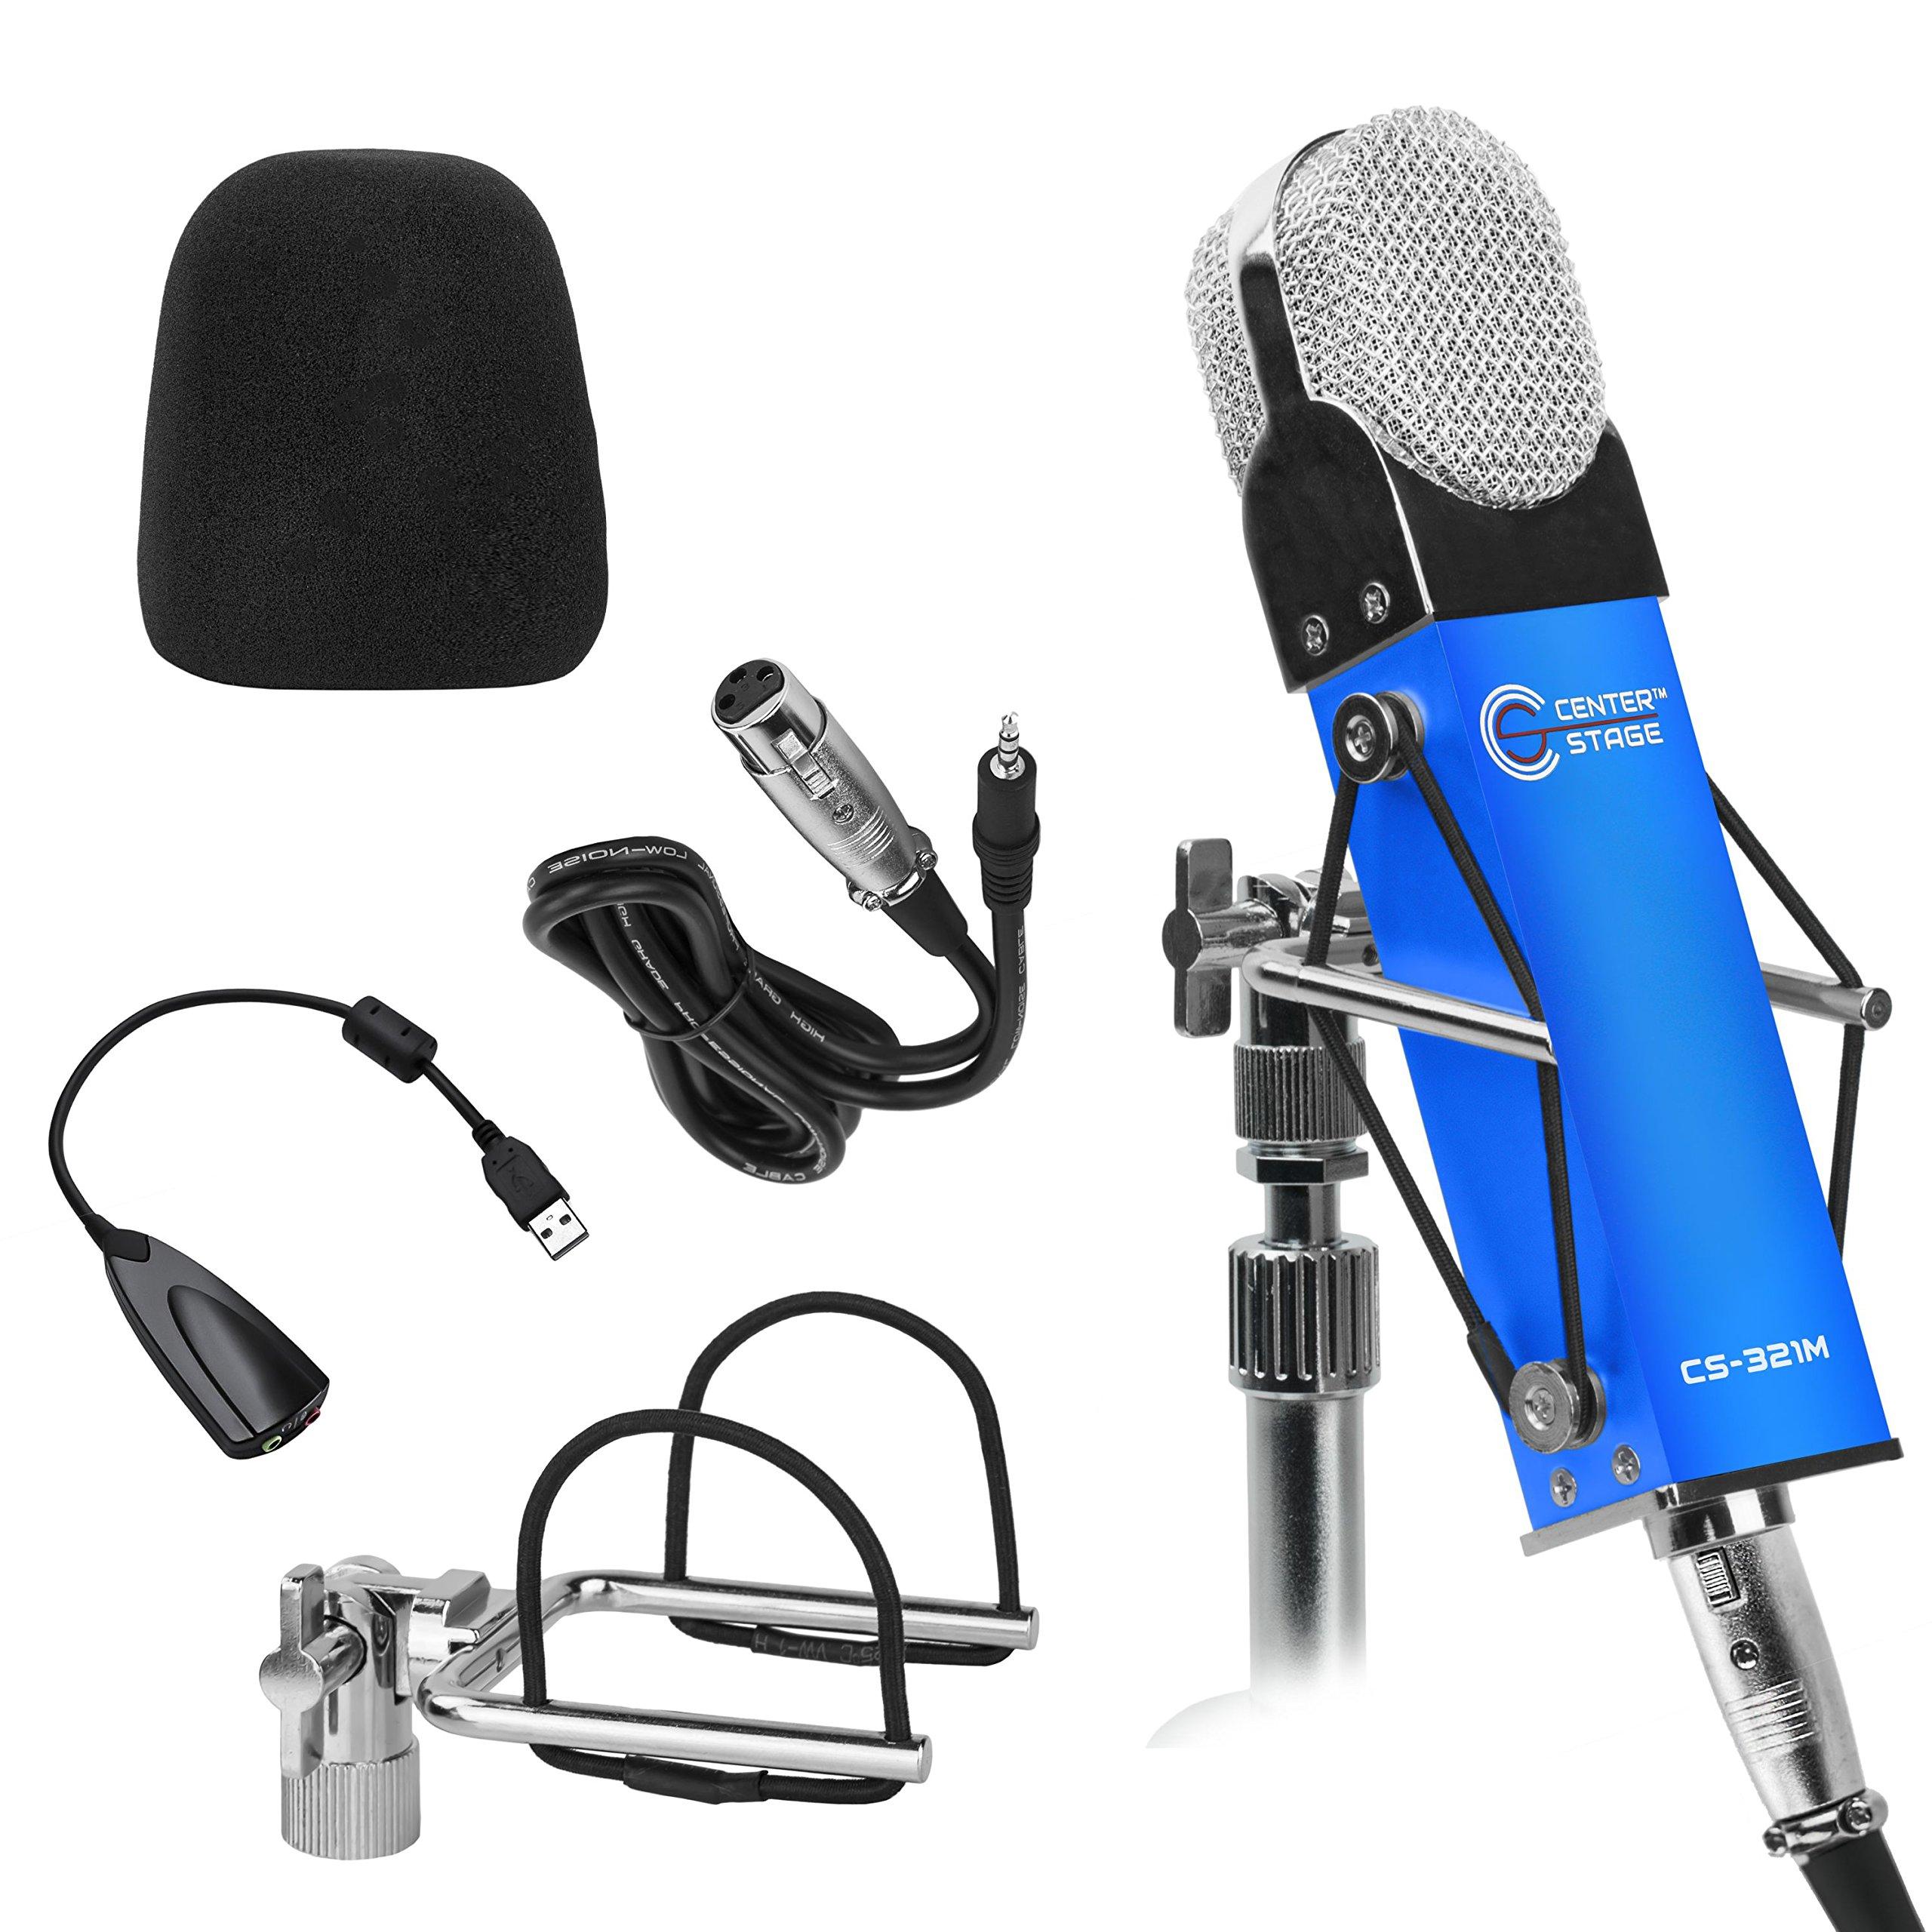 CenterStage CS-321M Studio Broadcast Podcast y kit de paquete de micrófono de condensador de grabación vocal con Shockmo